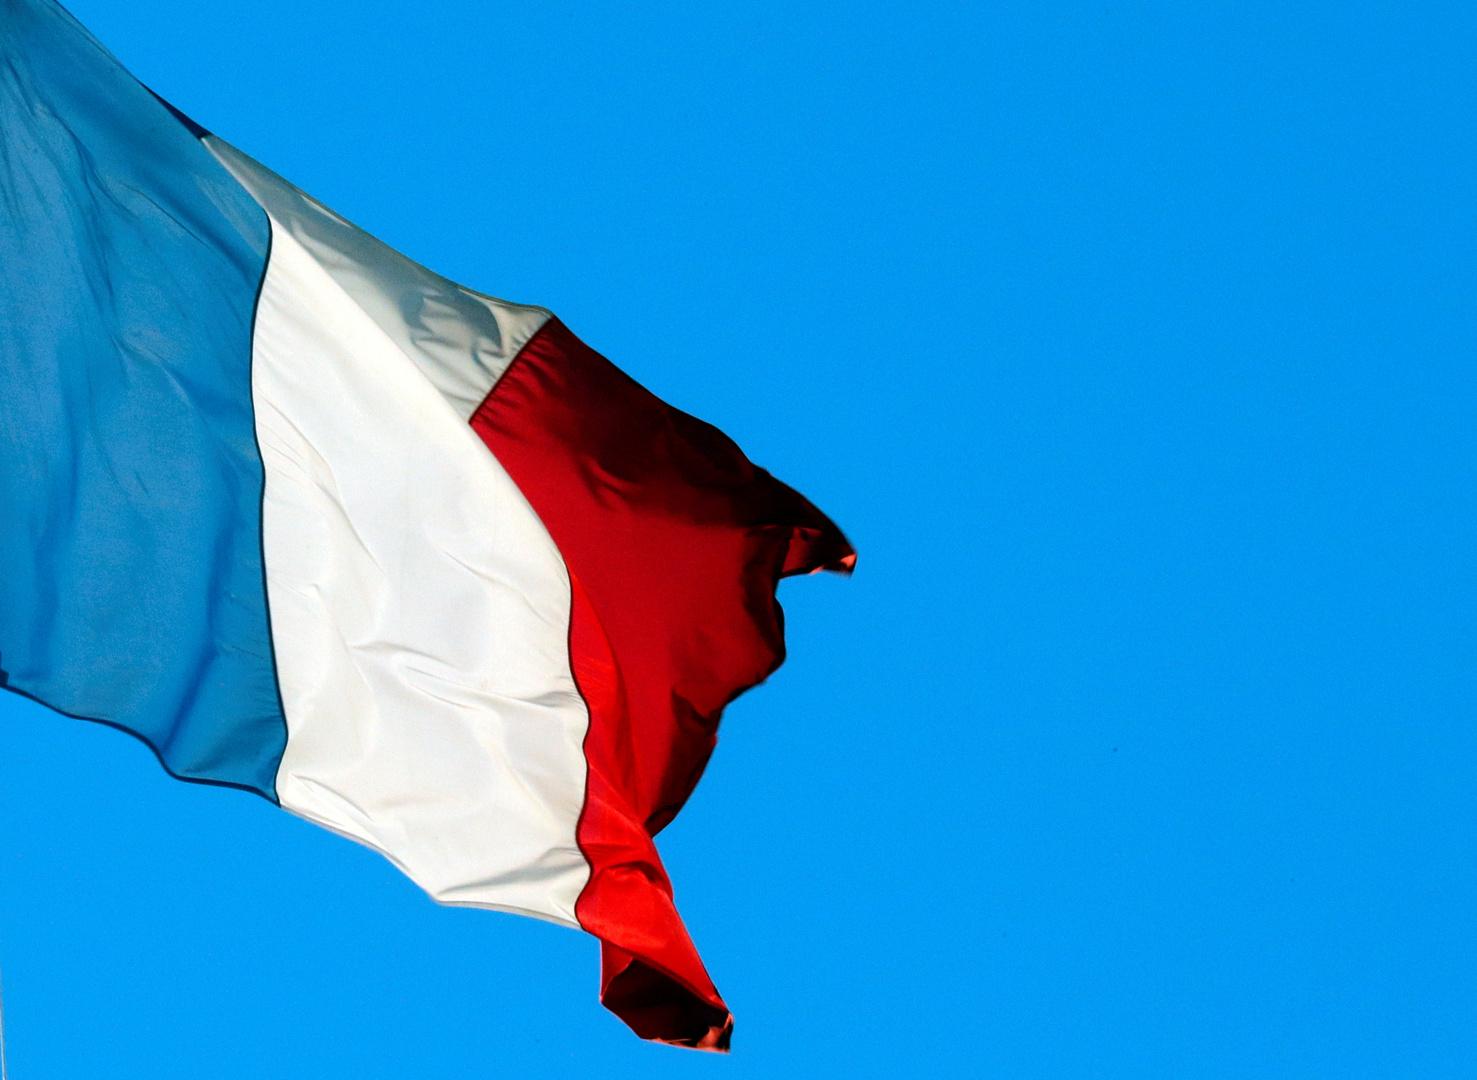 فرنسا تستضيف اجتماعا دوليا في 17 يونيو لحشد الدعم للجيش اللبناني